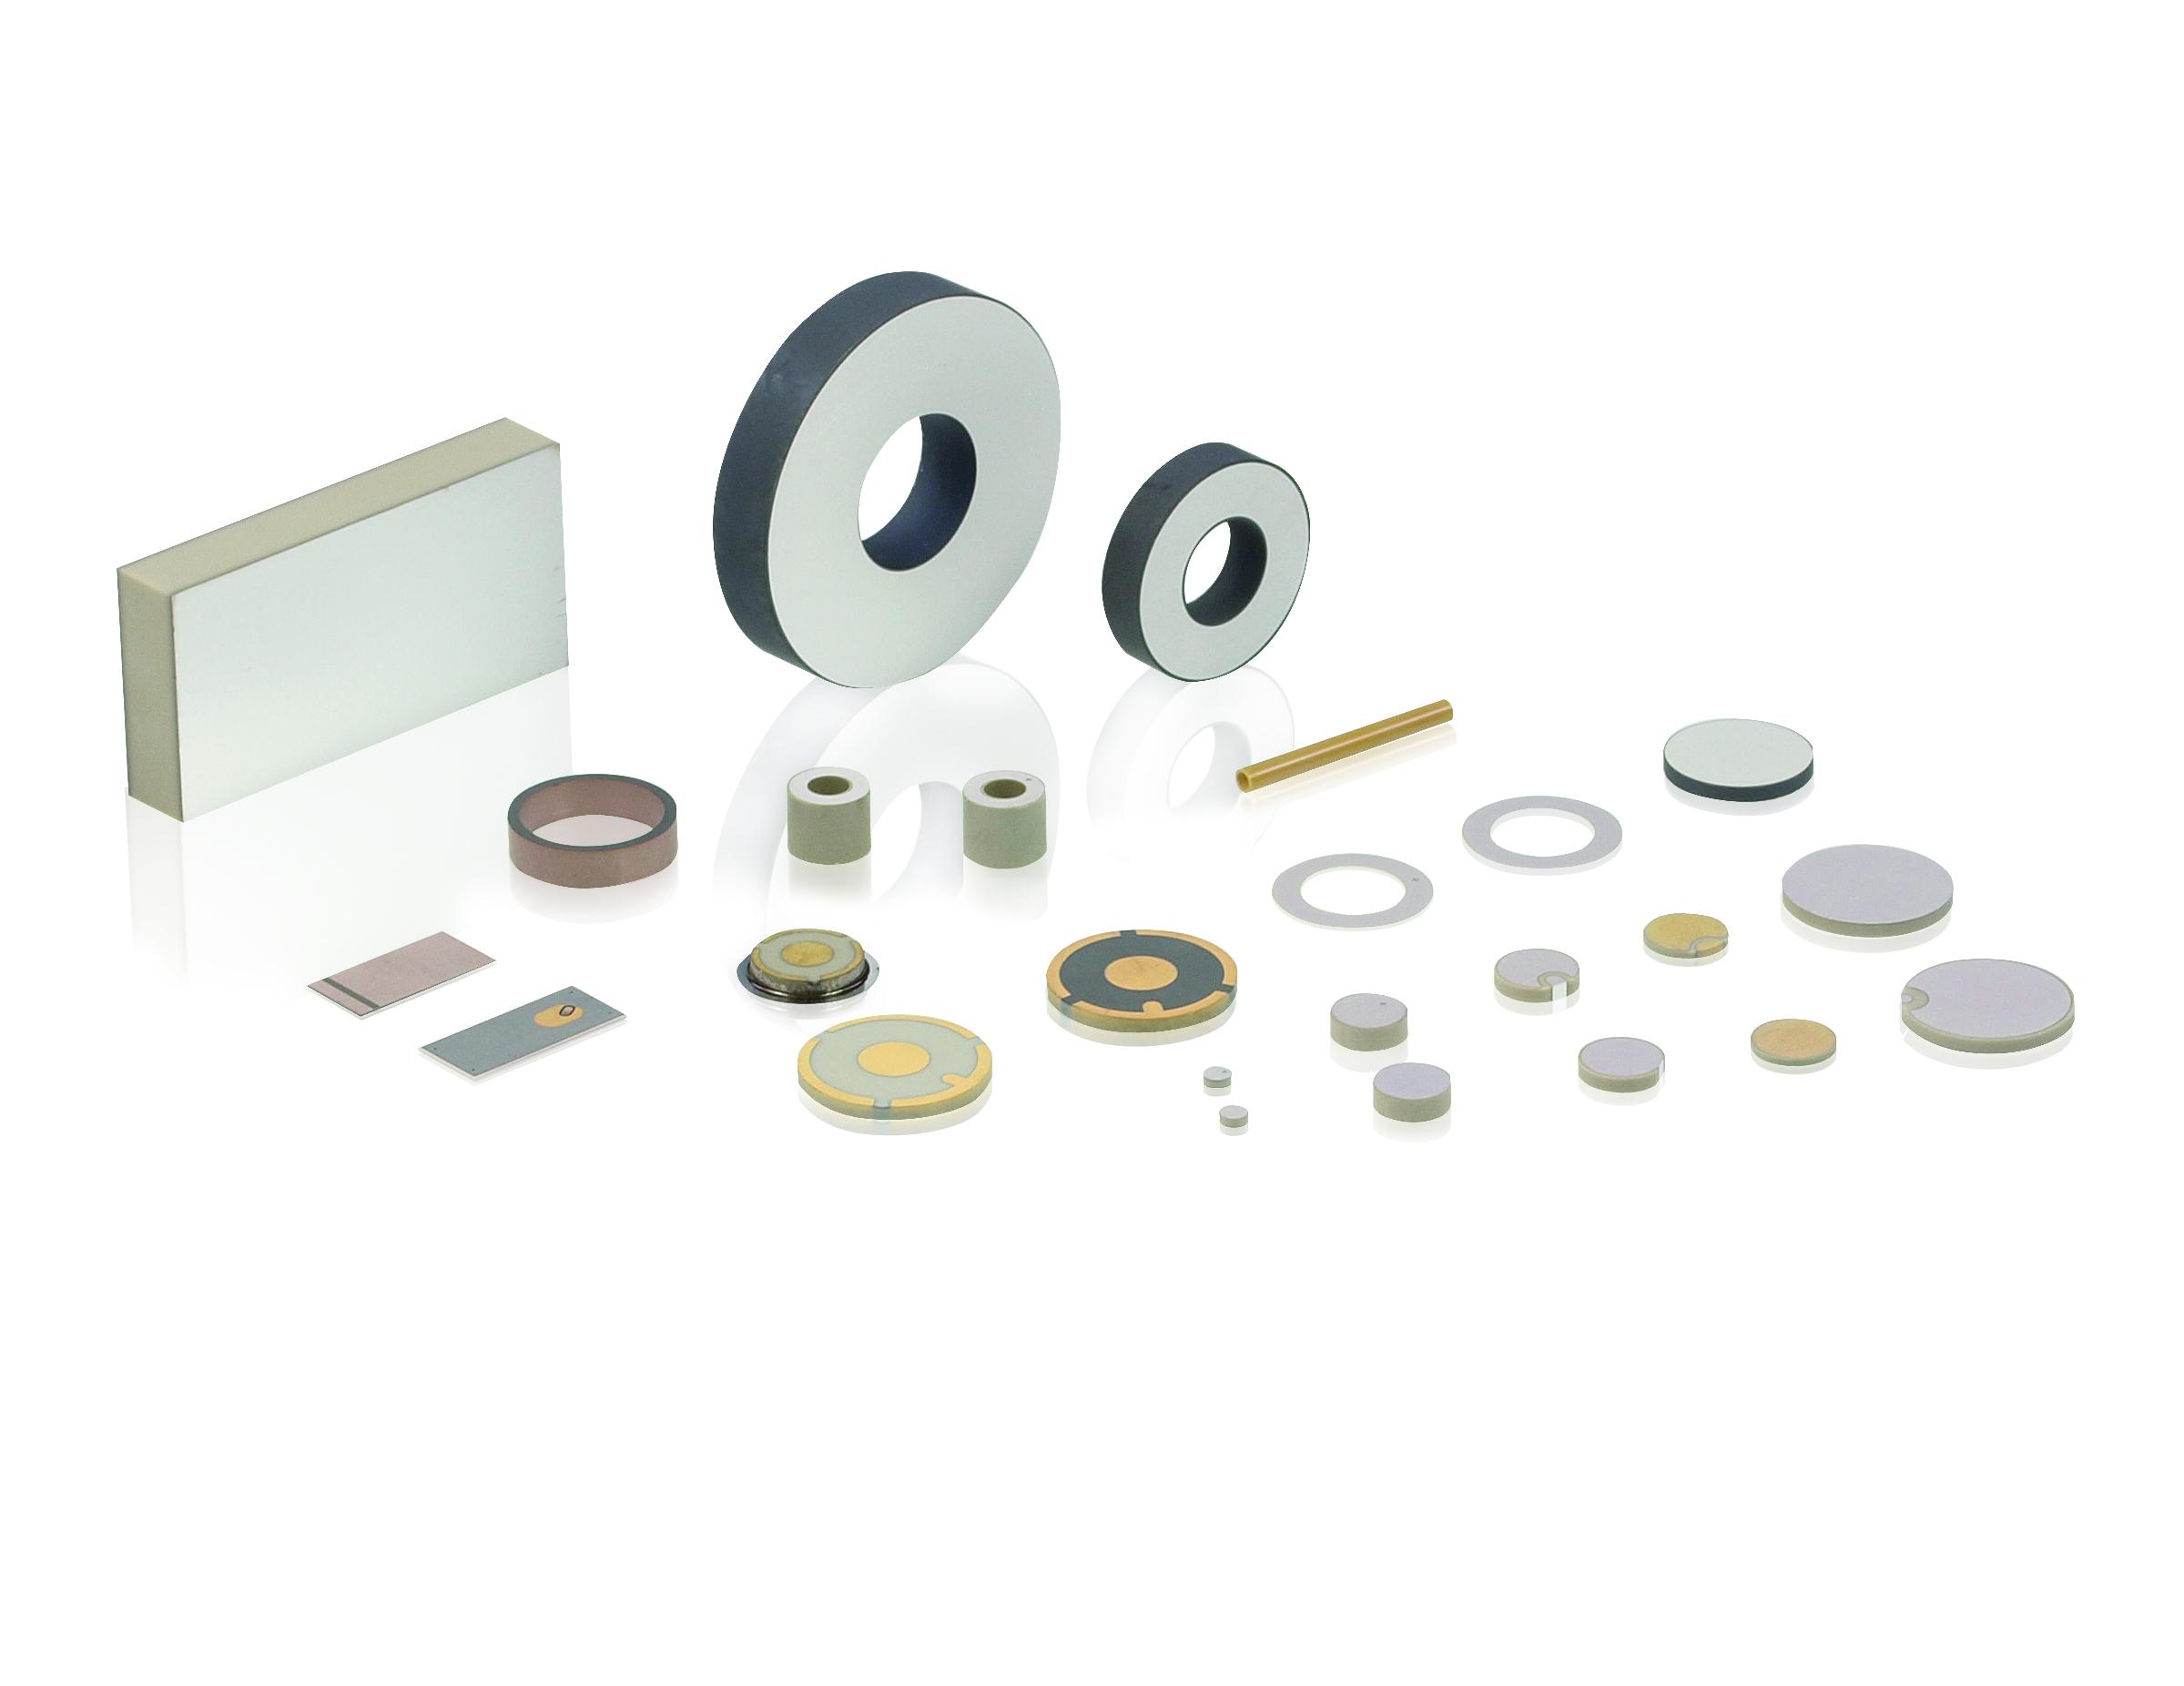 Piezoelemente sind in unterschiedlichen Größen, Materialien und für unterschiedliche Temperaturbereiche realisierbar. So ist eine optimale Anpassung an die jeweilige Anwendung möglich. Bild: PI Ceramic